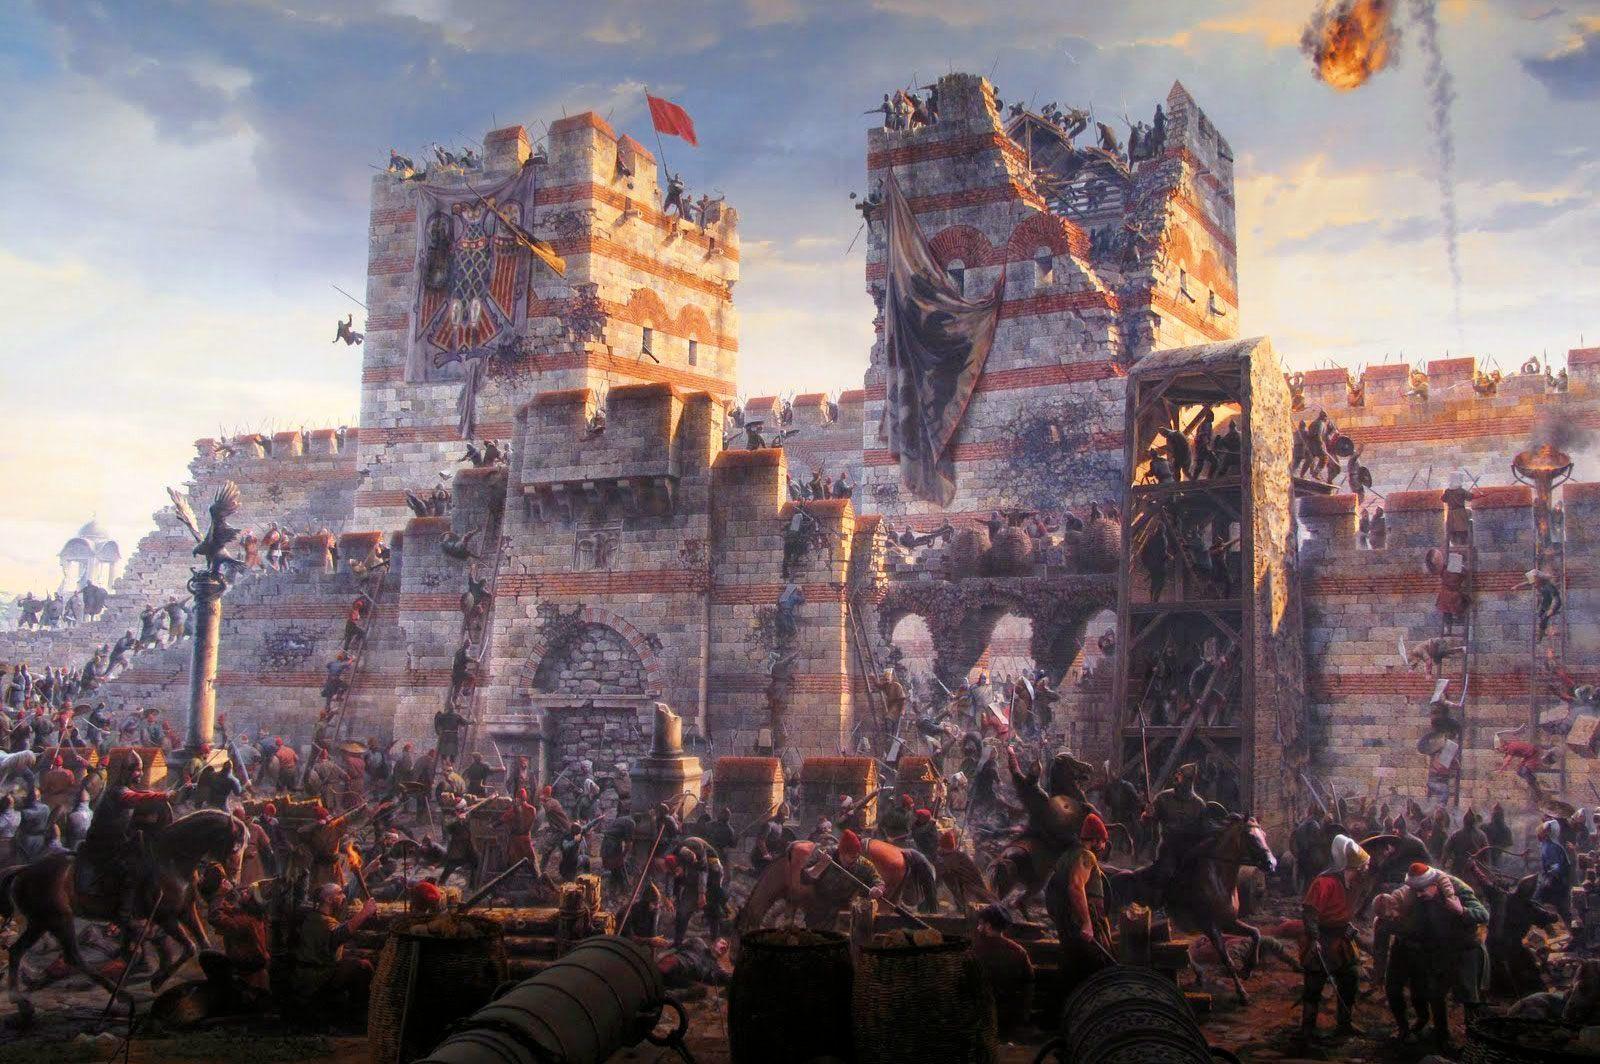 2-Ελένη-Γλύκατζη--Αρβελέρ-μύθοi-για-την-Άλωση-της-Κωνσταντινούπολης,-29-Μαίου-1453